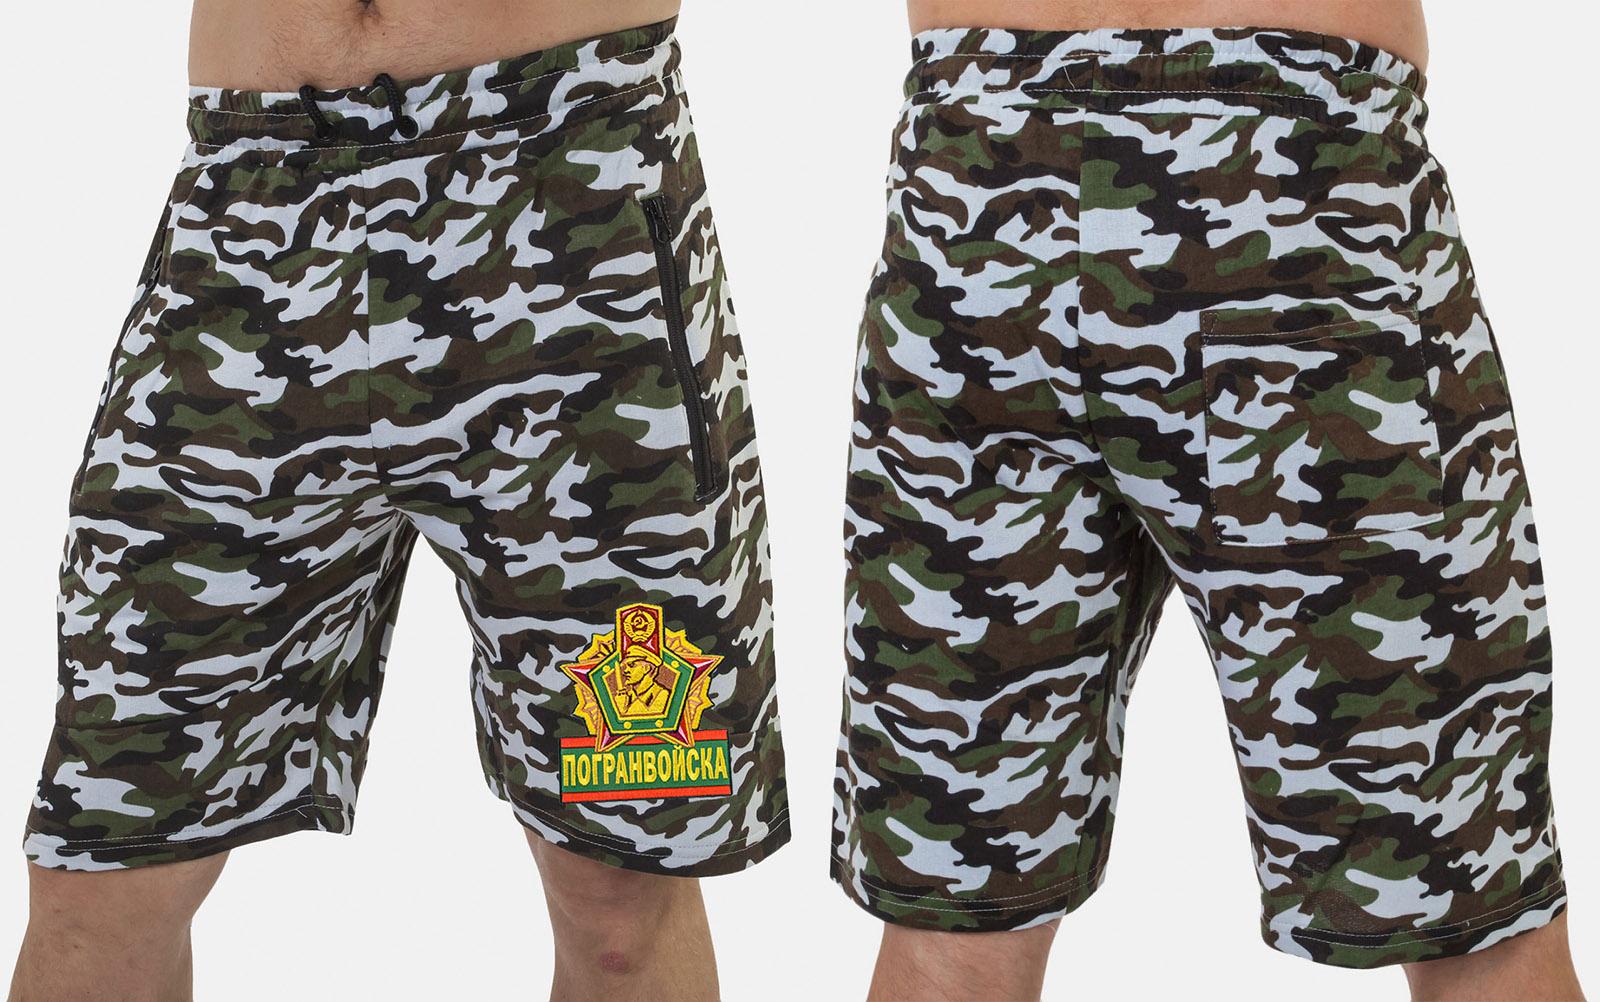 Надежные милитари шорты с нашивкой Погранвойска - купить в Военпро